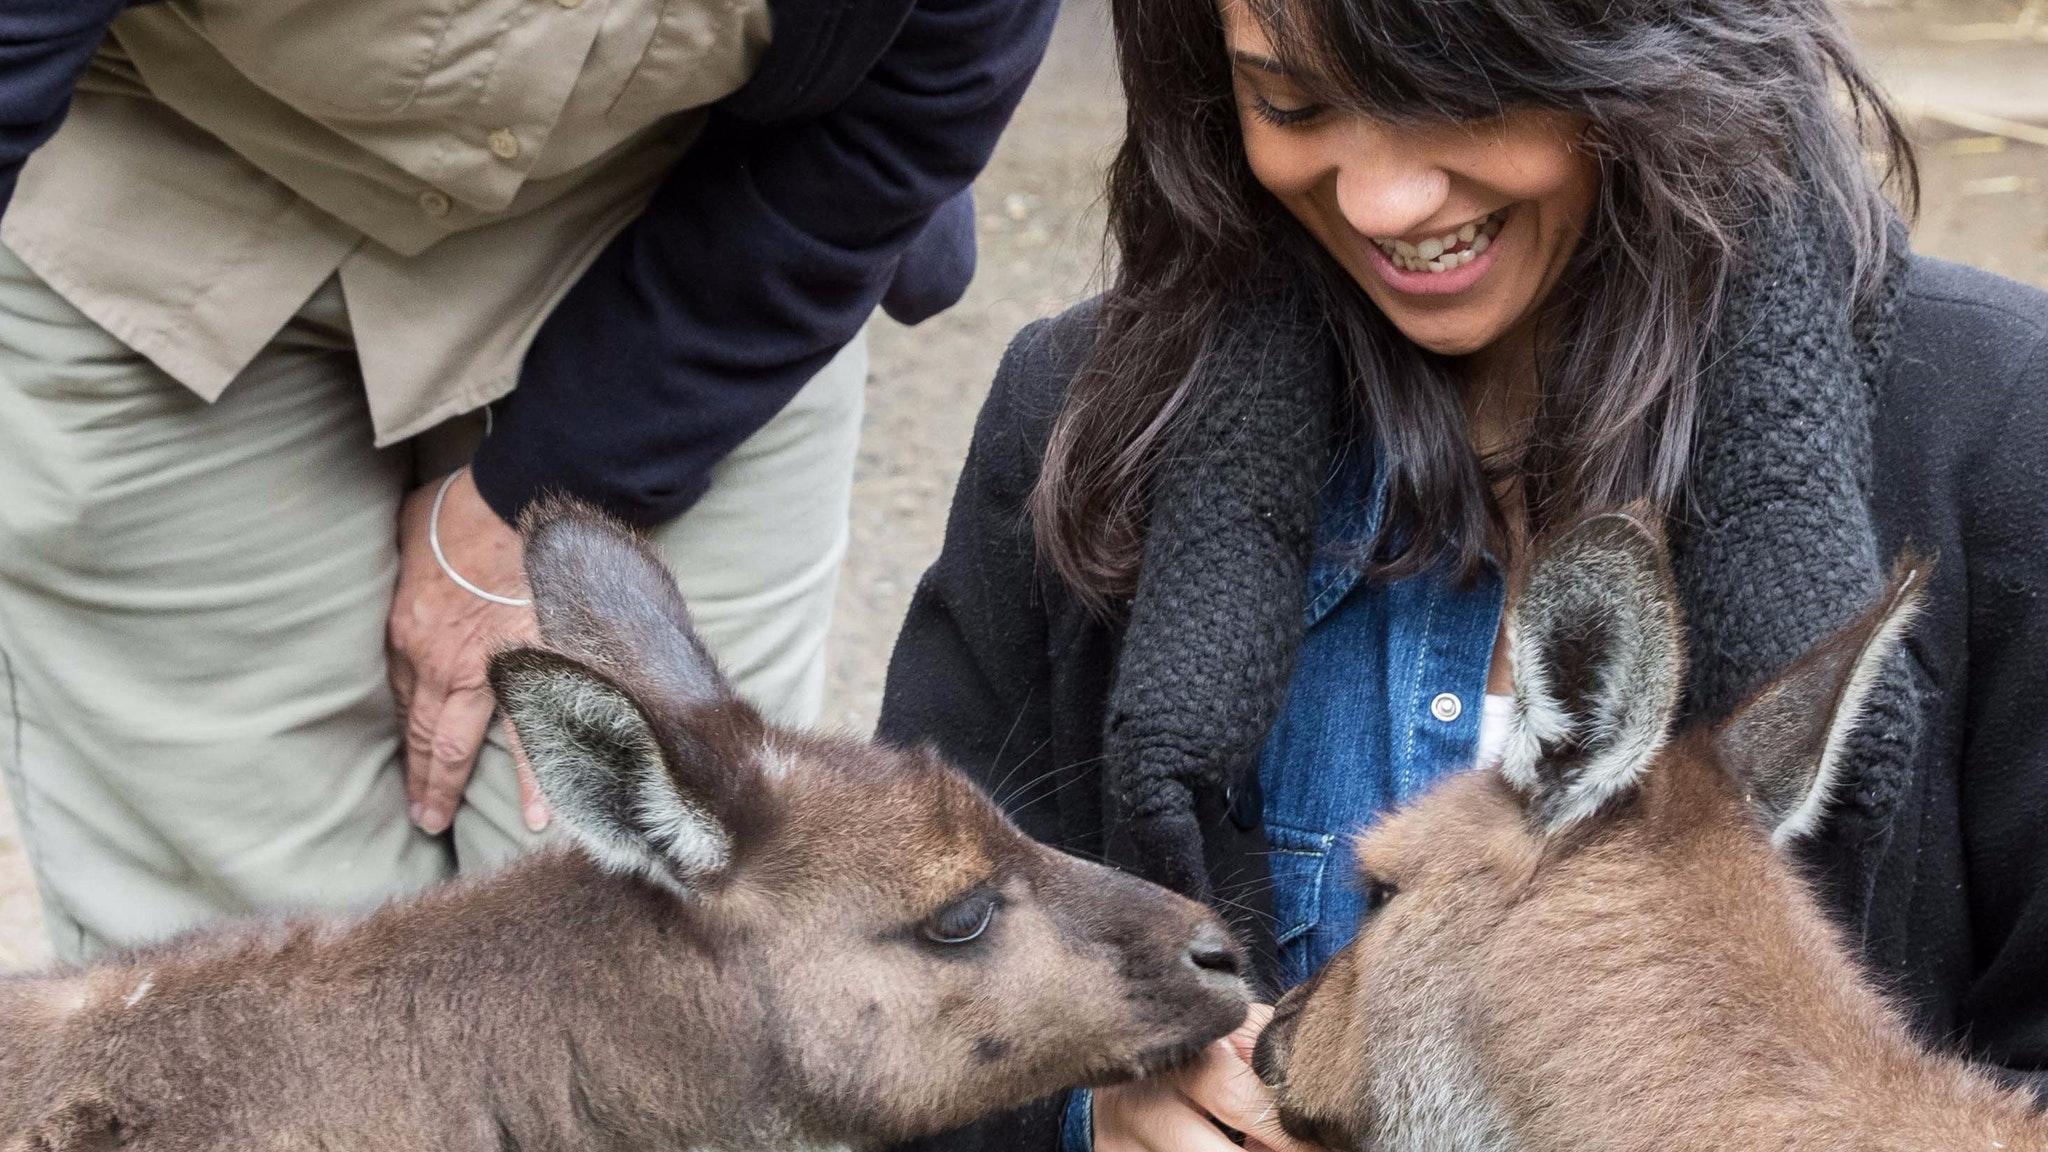 Feeding kangaroos at Healesville Sanctuary with Oceania Tours